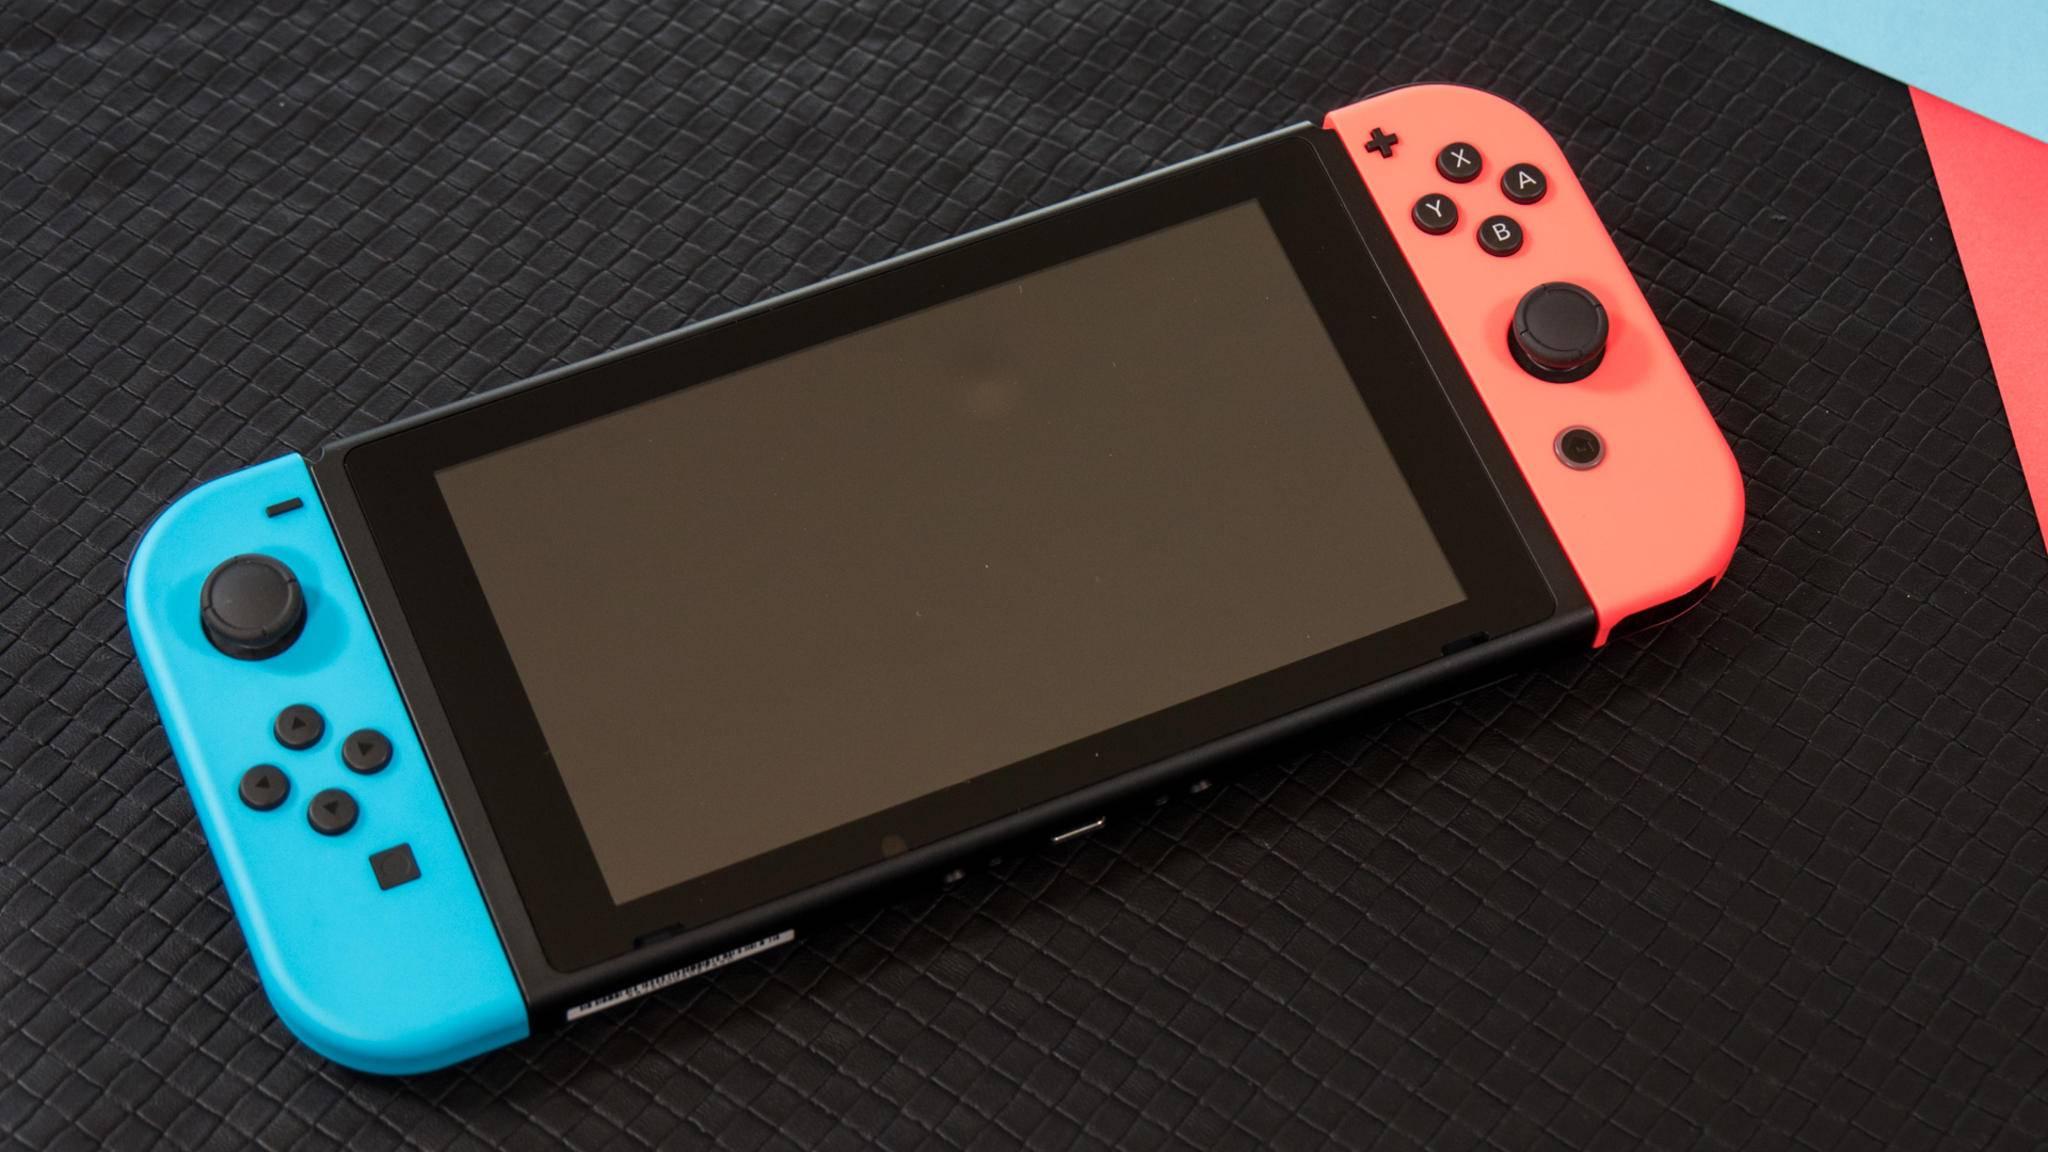 Ein neues Update bringt praktische Funktionen auf die Nintendo Switch.